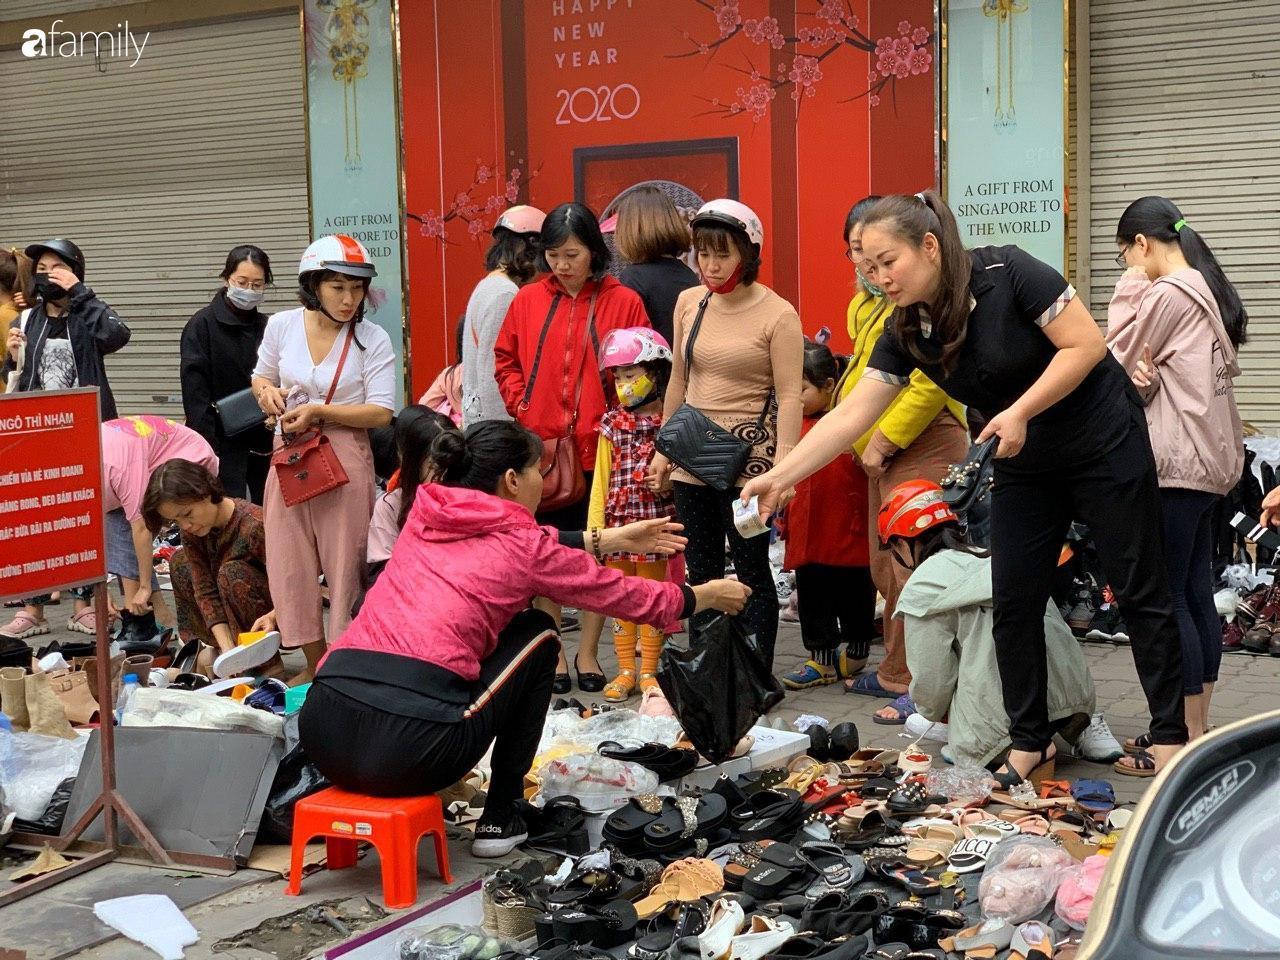 Người Hà Nội chen chân ngày 30 Tết tại cổng chợ Hôm bởi hàng loạt sản phẩm giày dép đại hạ giá - Ảnh 3.